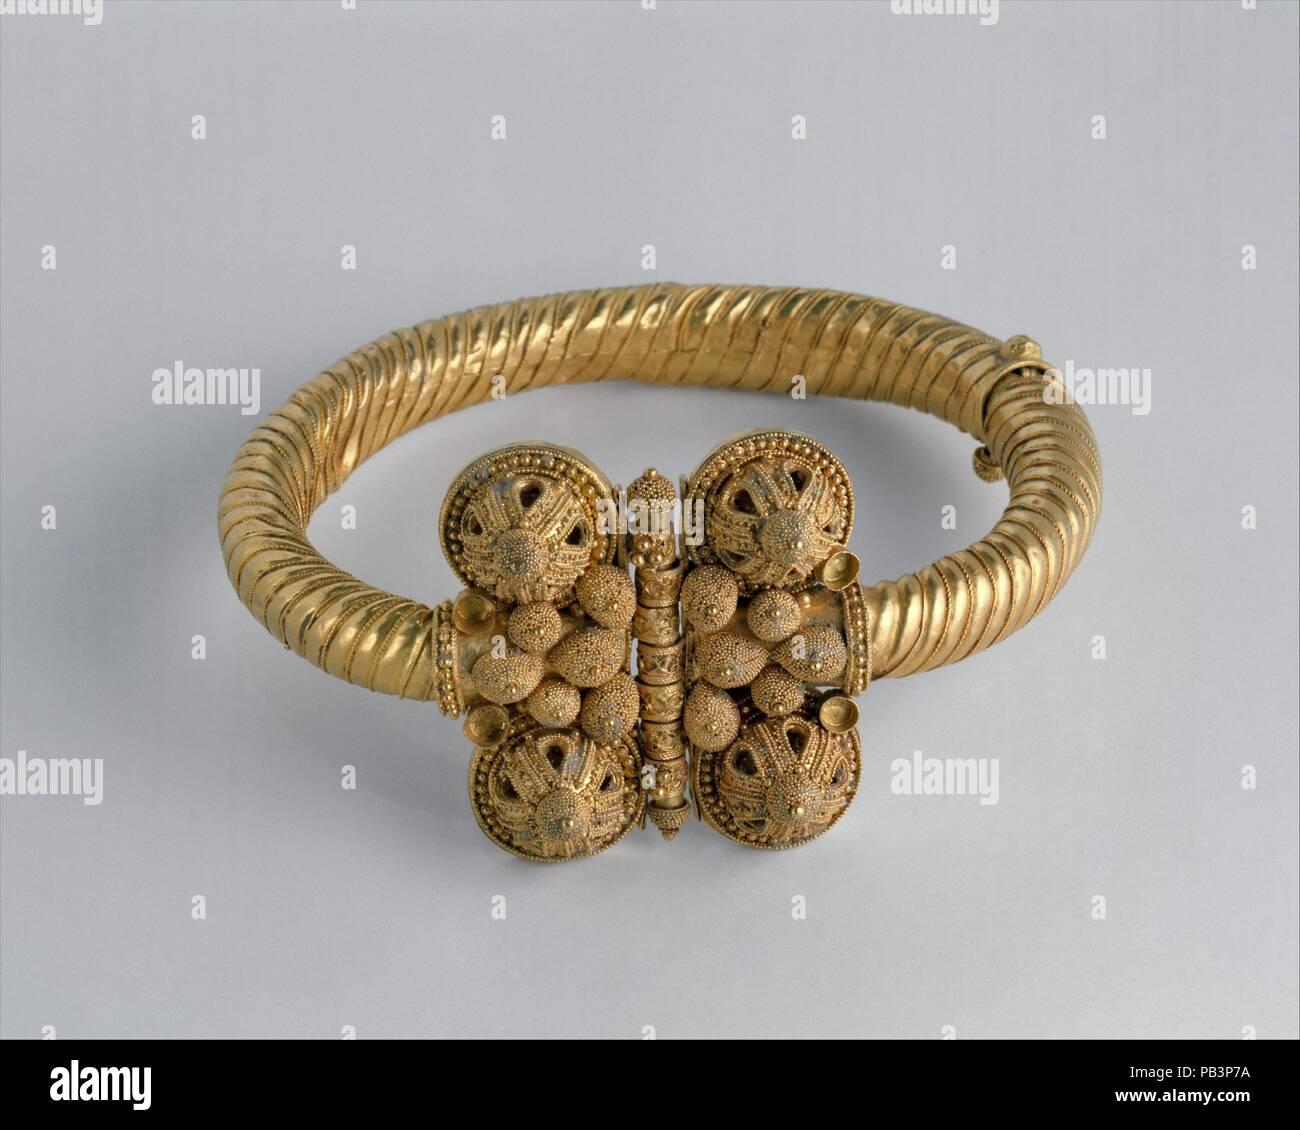 Byzantine Jewelry Stock Photos & Byzantine Jewelry Stock Images - Alamy